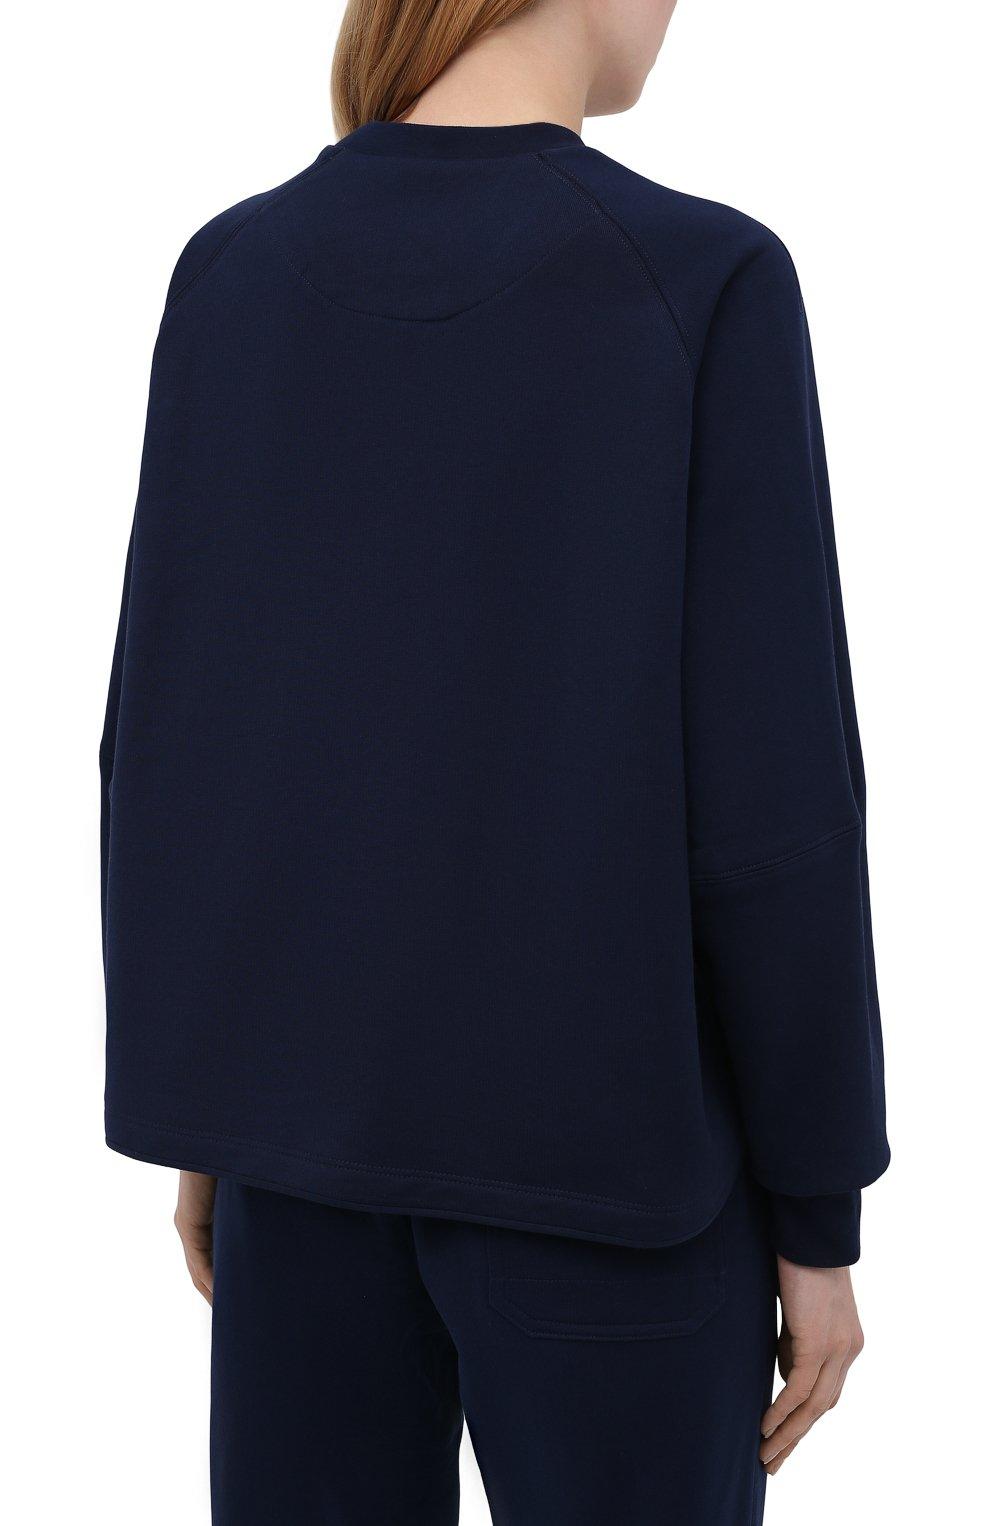 Женский свитшот Y-3 темно-синего цвета, арт. GV0339/W | Фото 4 (Рукава: Длинные; Длина (для топов): Стандартные; Женское Кросс-КТ: Свитшот-спорт, Свитшот-одежда; Материал внешний: Хлопок; Стили: Спорт-шик)